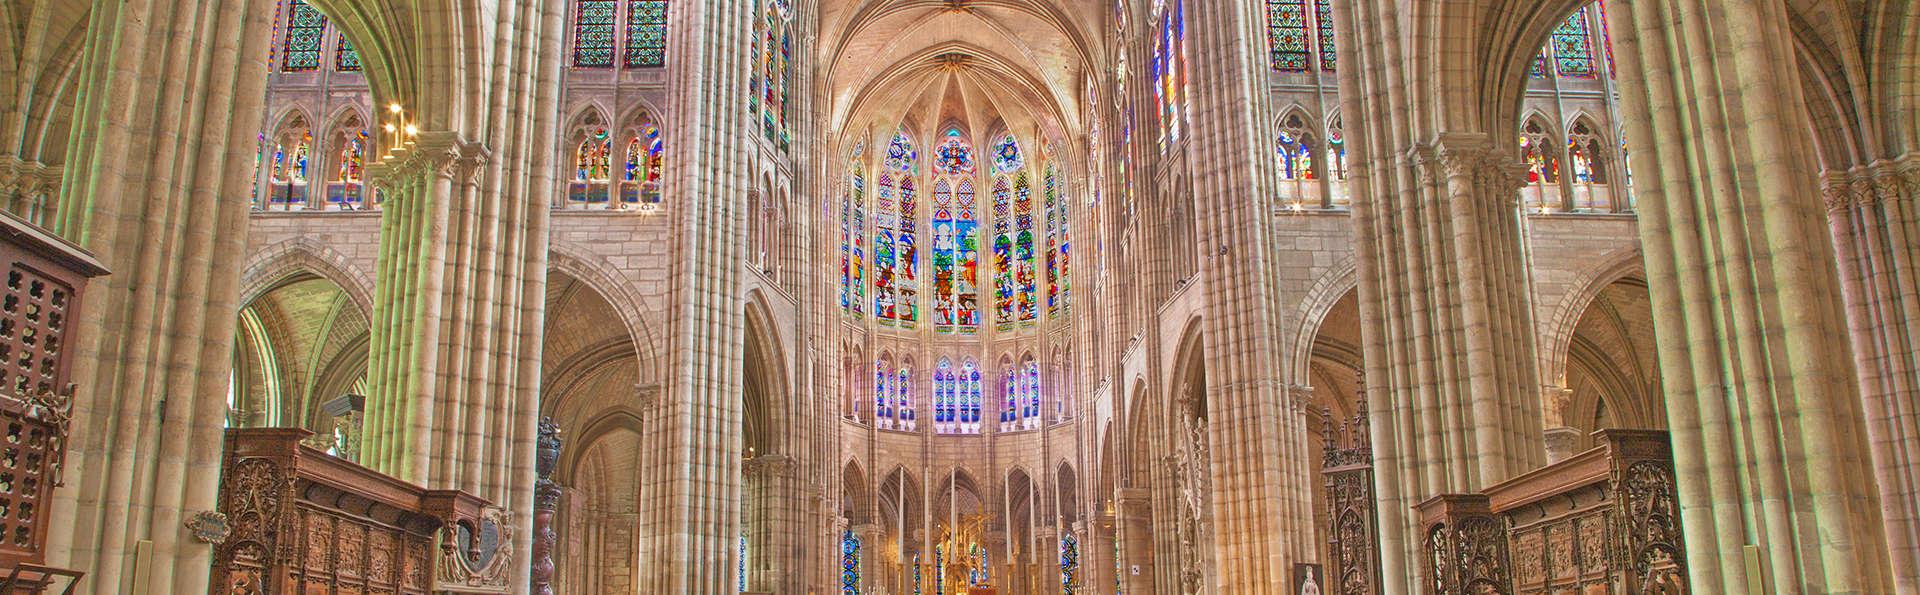 Week-end sur les traces des Rois de France avec visite de la Basilique Saint-Denis